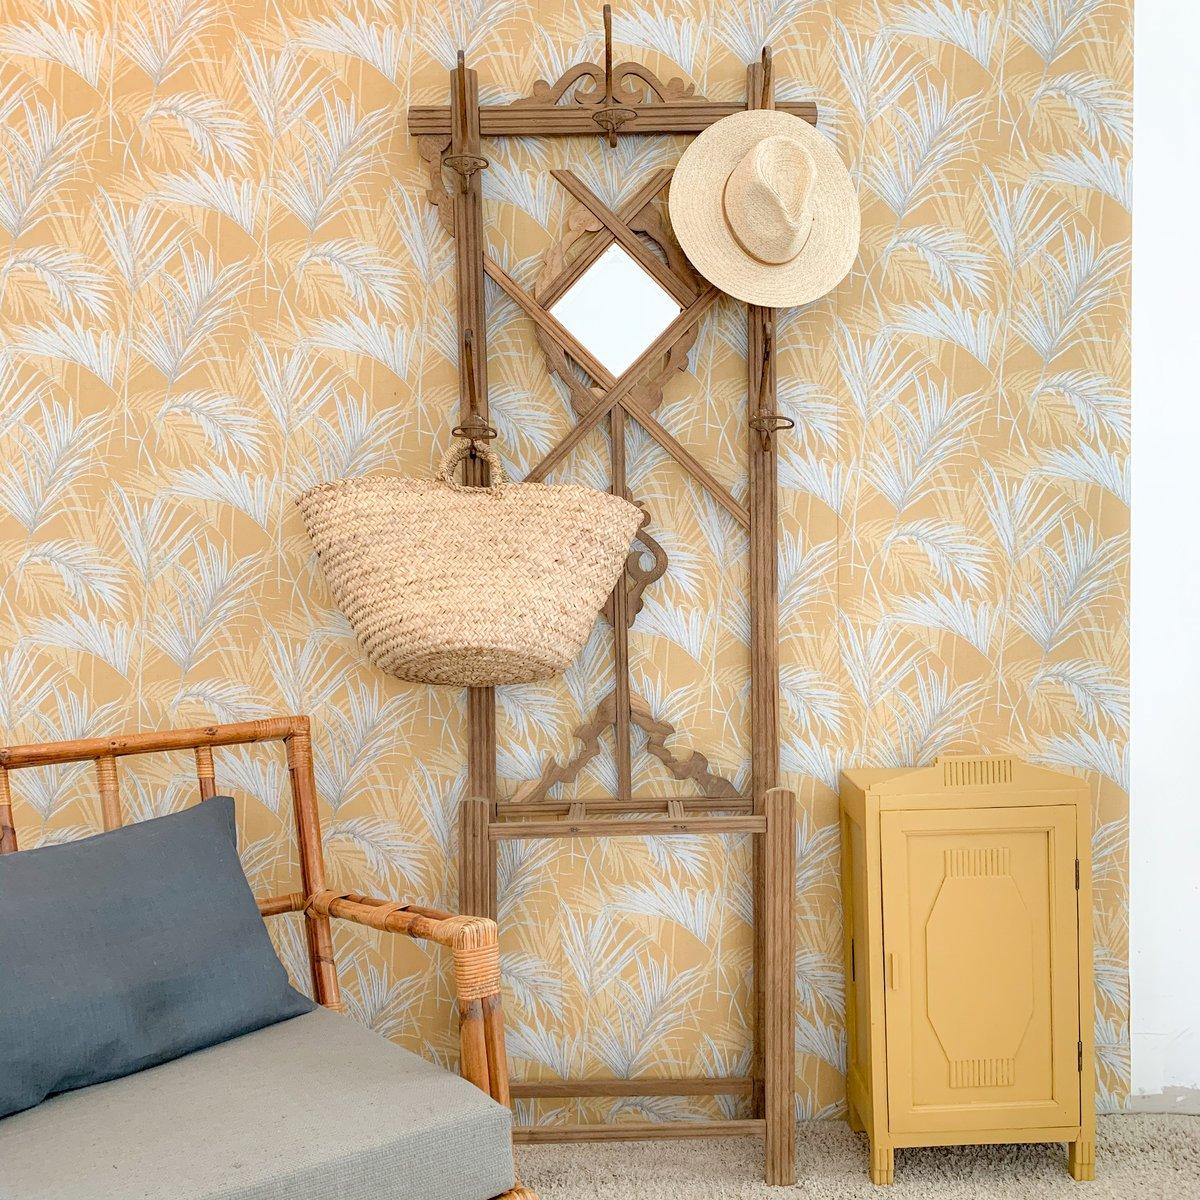 Image of VENDU/SOLD OUT Porte Manteaux Palm